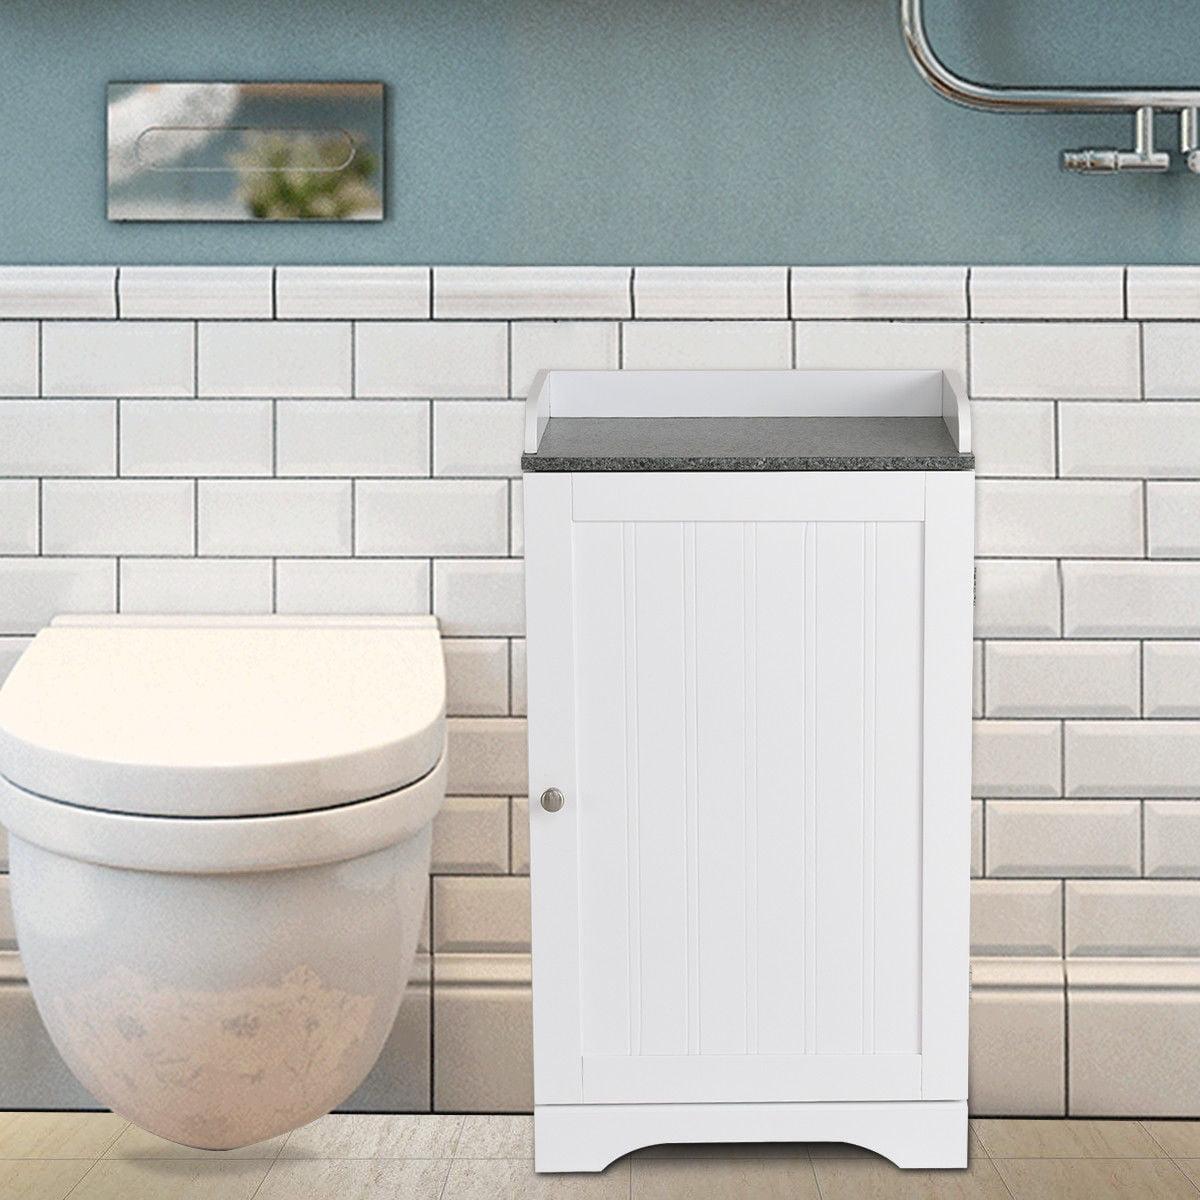 Costway Bathroom Floor Storage Cabinet Freestanding Adjustable Shelves W/Single Door